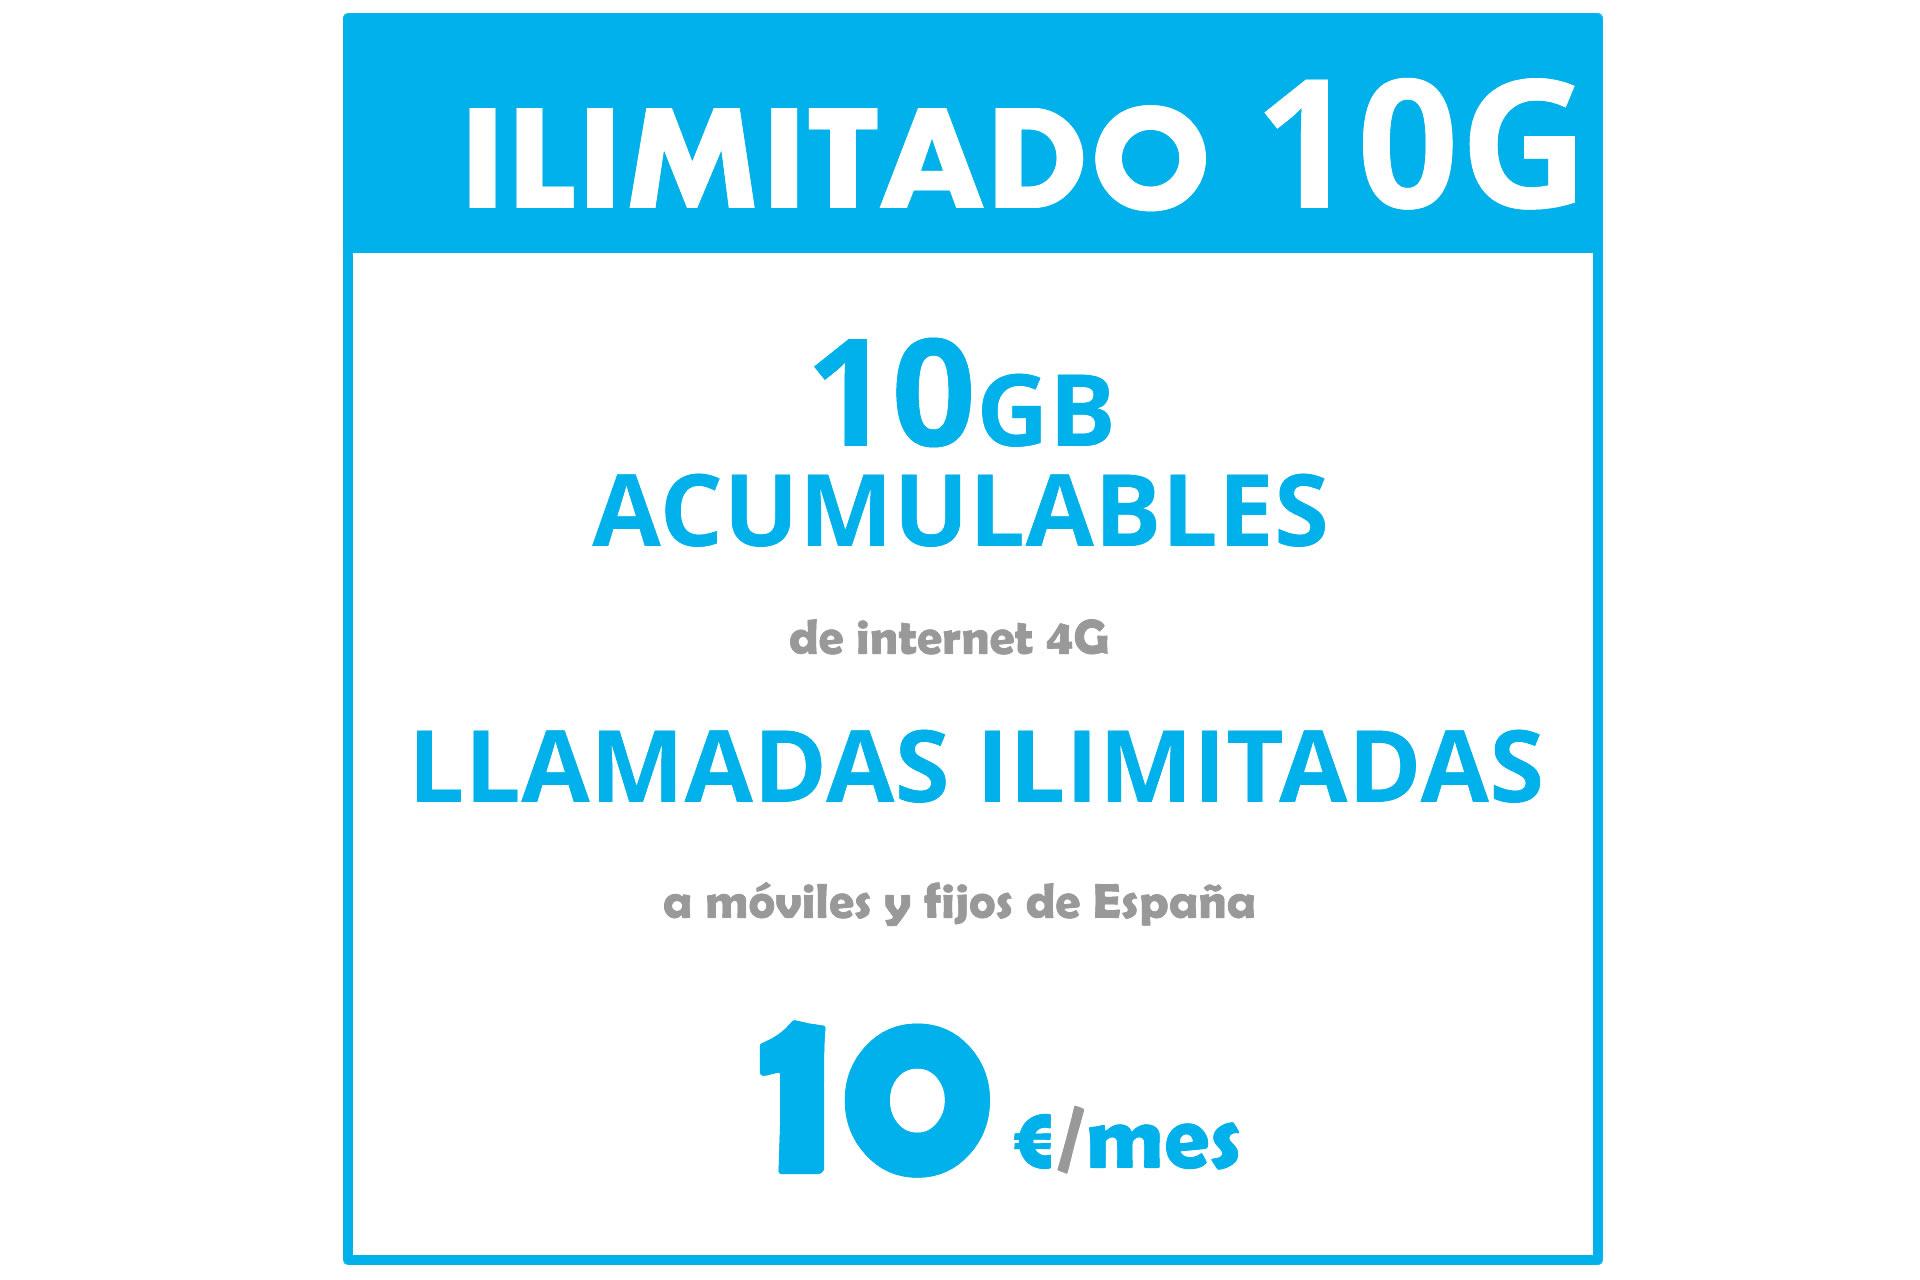 ilimitado3G-digimobil-puntod-calasparra-caravaca-digicombo-digi-ilimitado